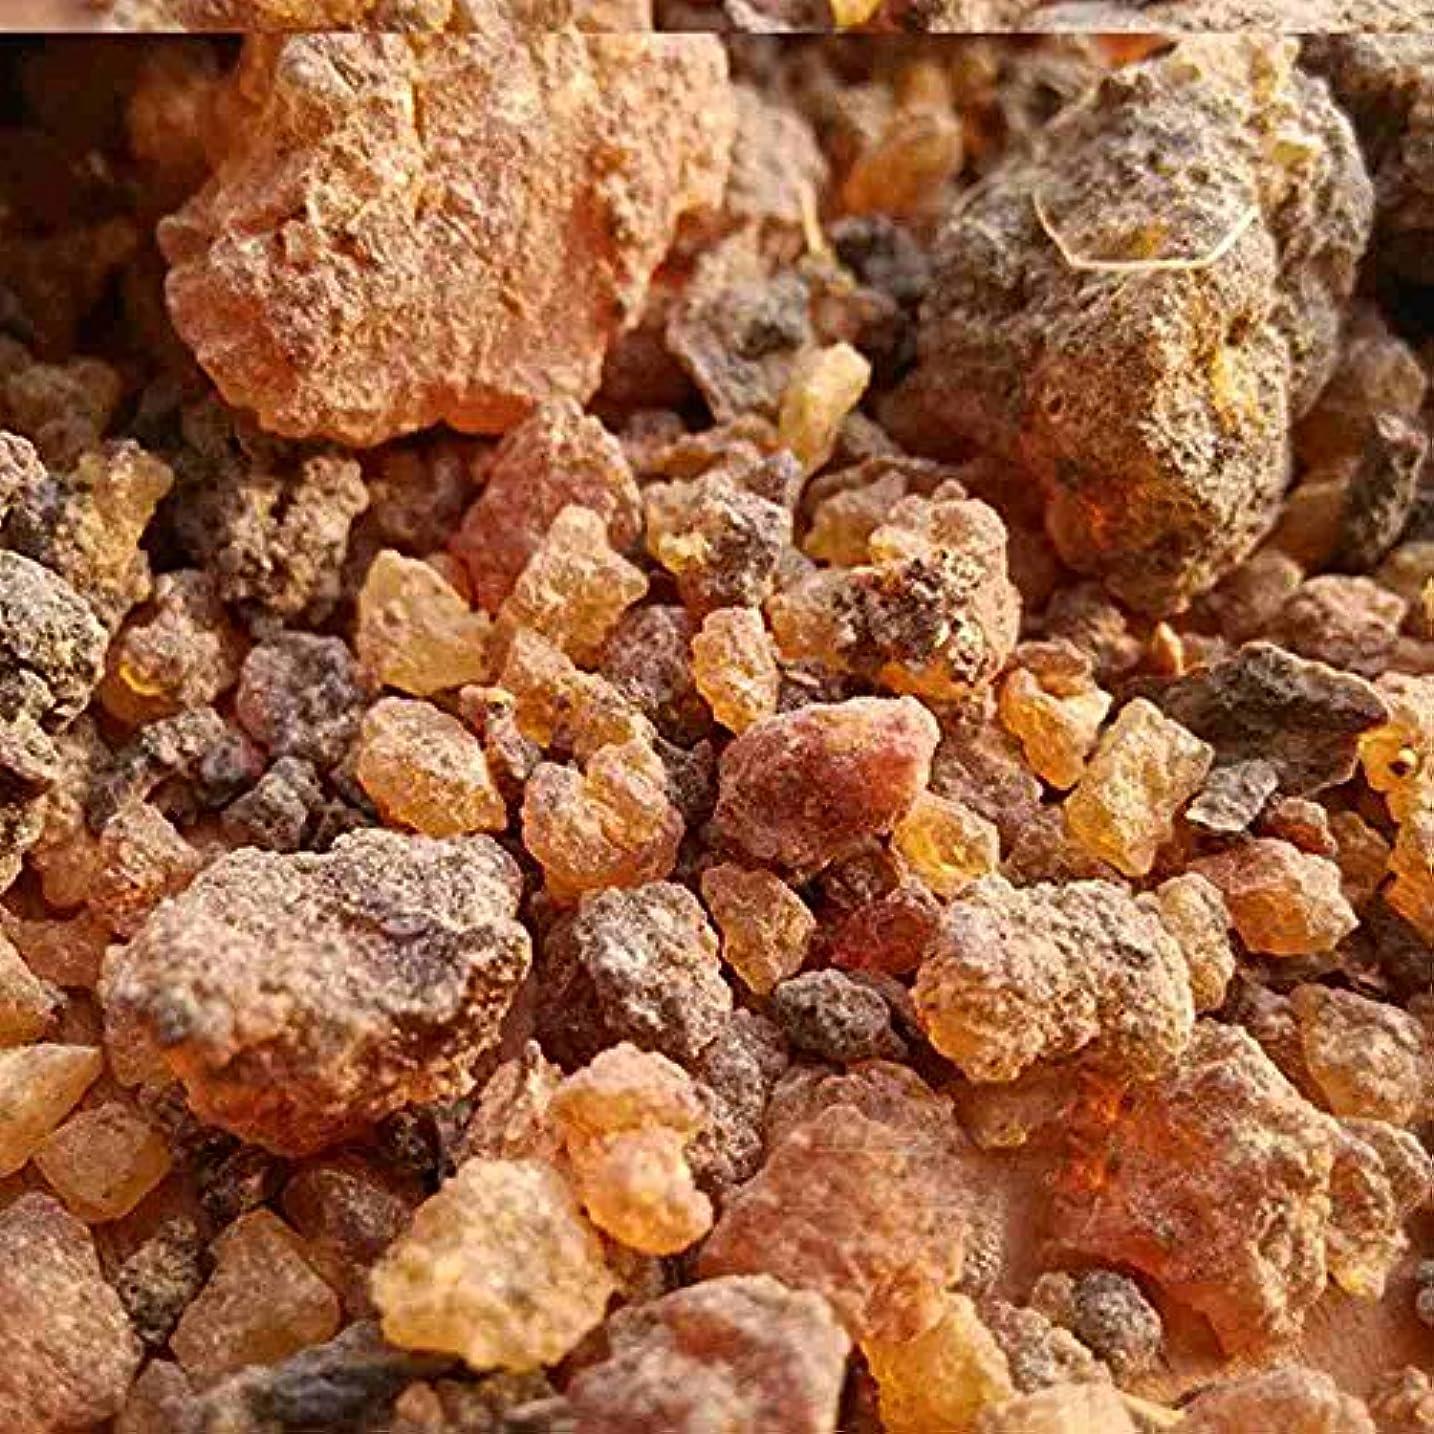 工業用不愉快優勢ミルラ樹脂 – 100%純オーガニック乳香樹脂 – 有機没薬 – 0.22ポンド(100 g)Kenya Myrrh Resin – Earthwise Aromatics